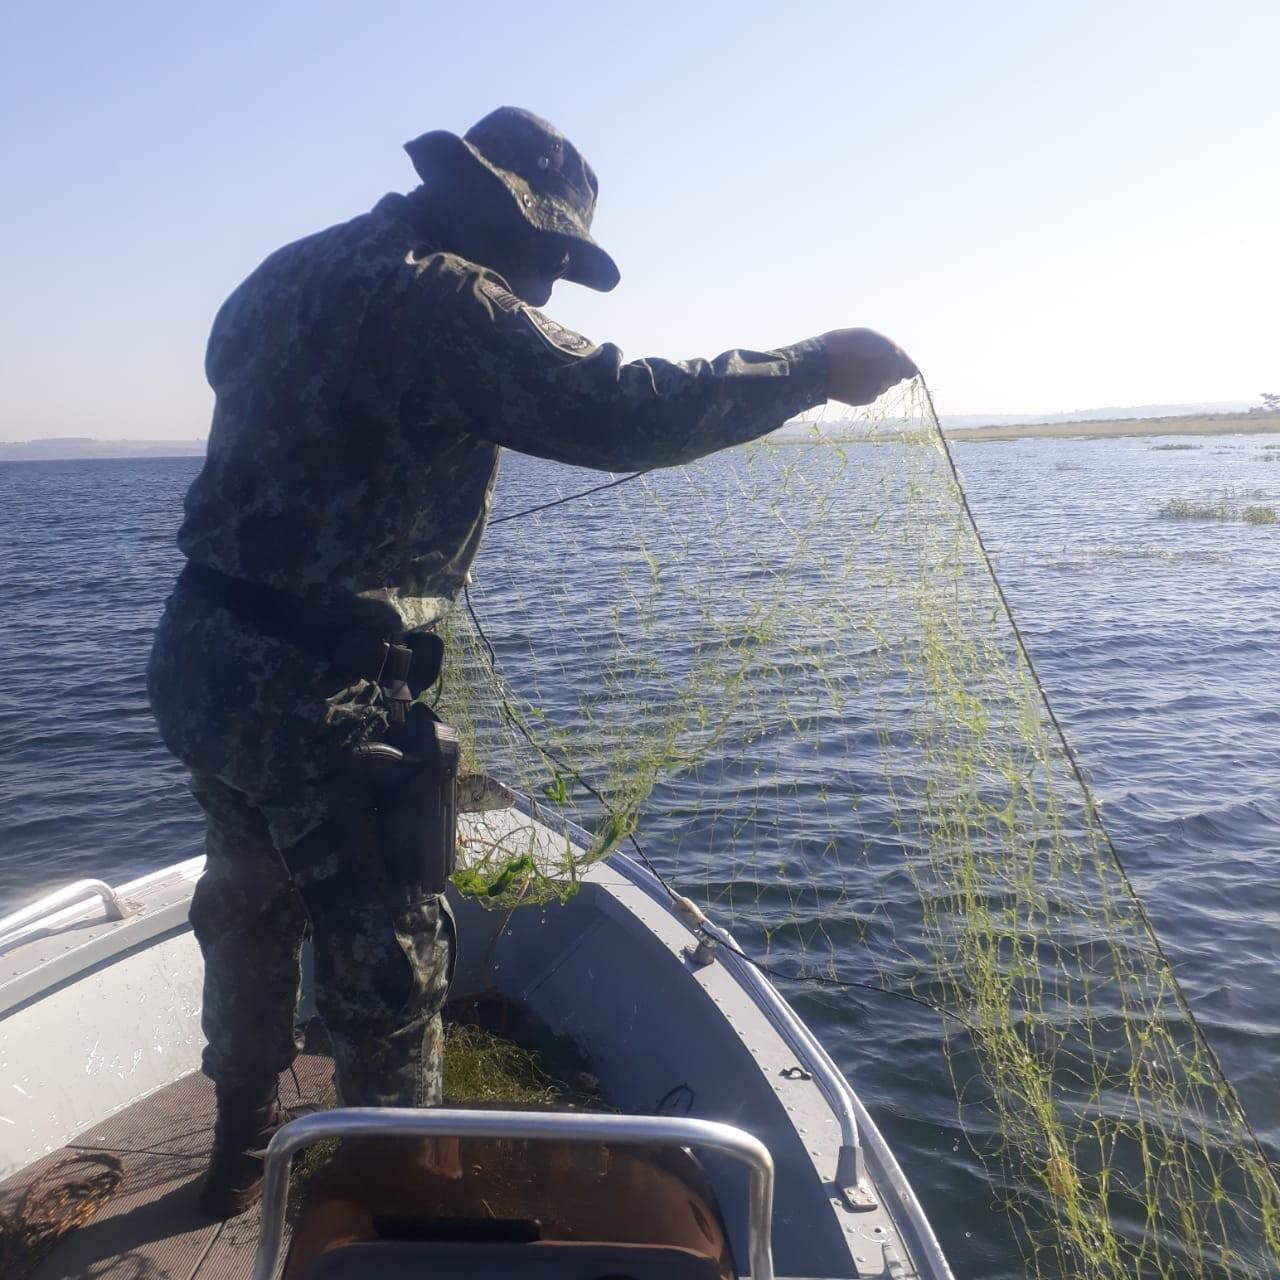 Polícia Ambiental apreende 1,5 mil metros de redes de pesca armadas irregularmente em Nantes